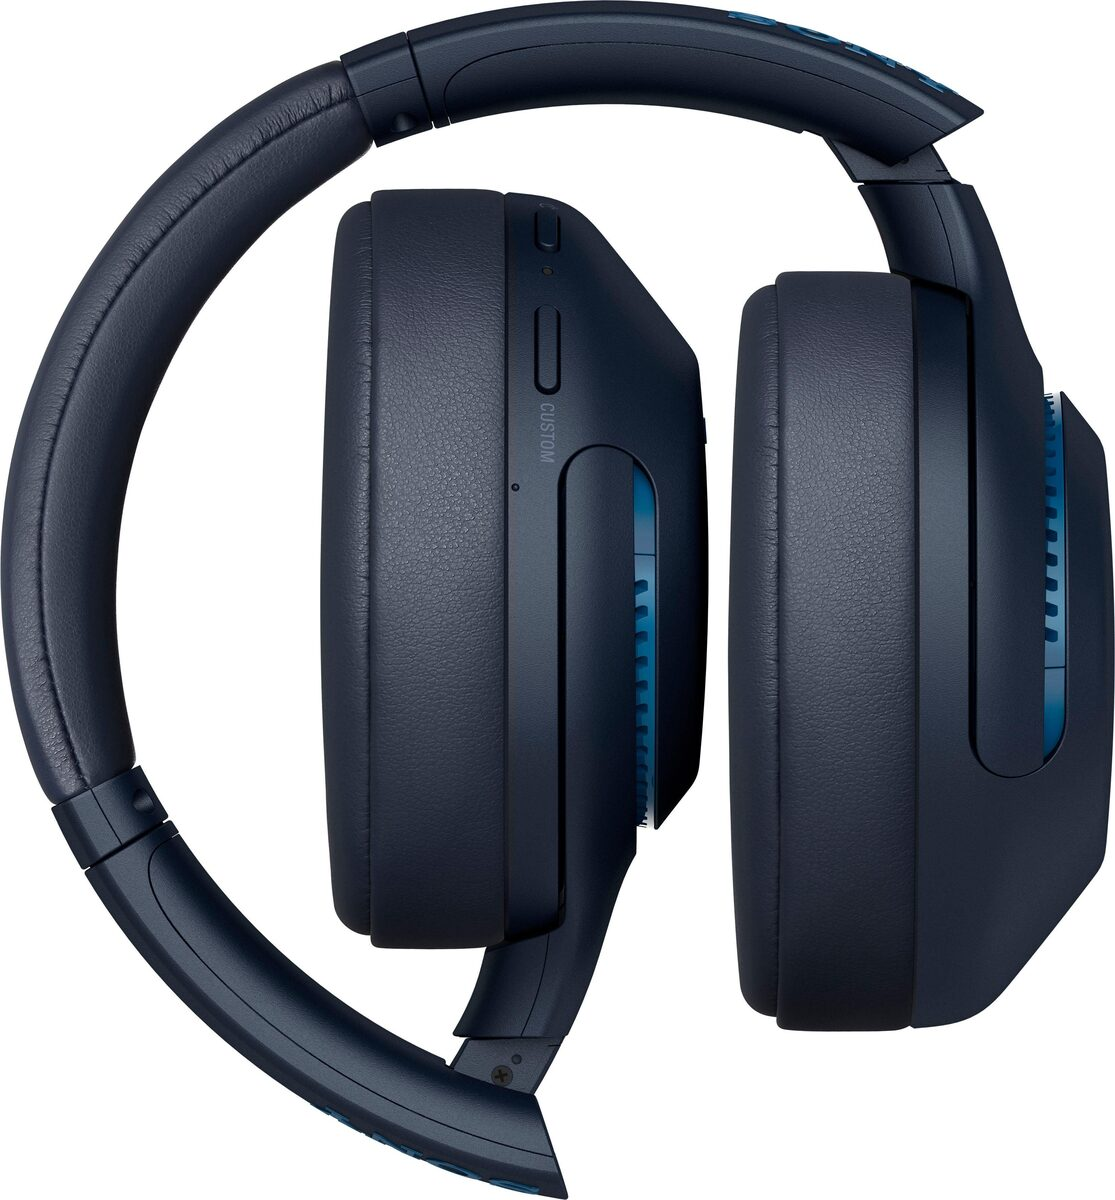 Bild 4 von Sony »WH-XB900N Bluetooth Noise Cancelling« Kopfhörer (Bluetooth, NFC, Headset mit Mikrofon, Amazon Alexa & Google Assistant, Gestensteuerung)